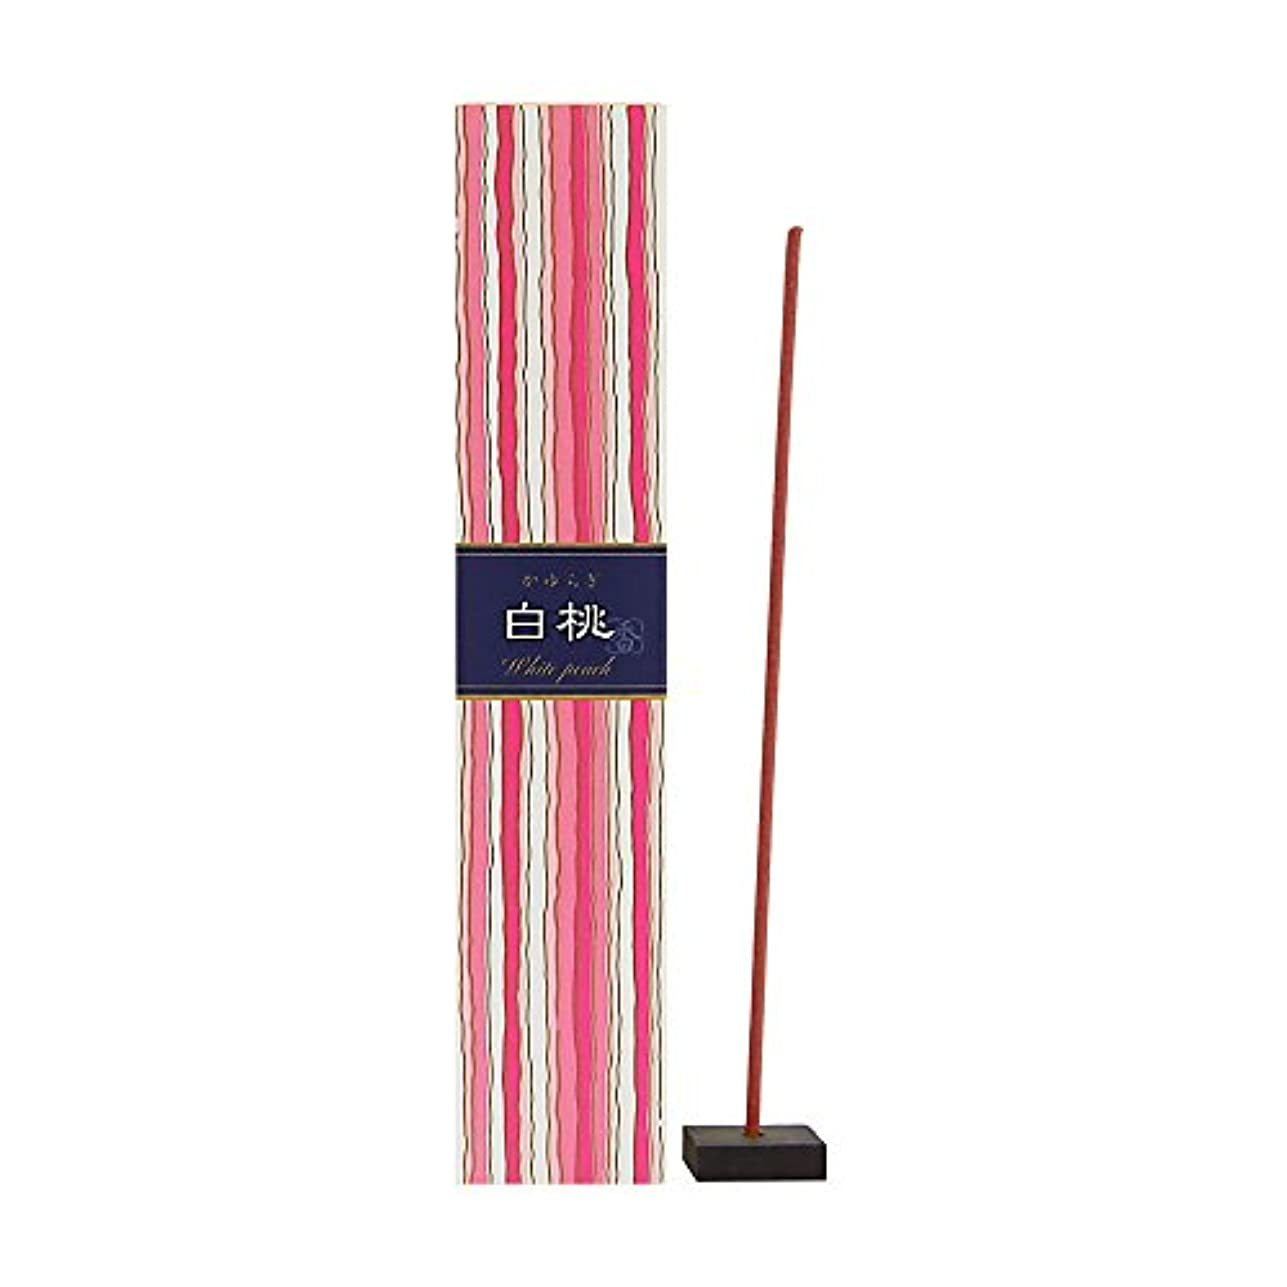 衝突コース熟すフルーツ野菜Nippon Kodo – Kayuragi – ホワイトピーチ40 Sticks